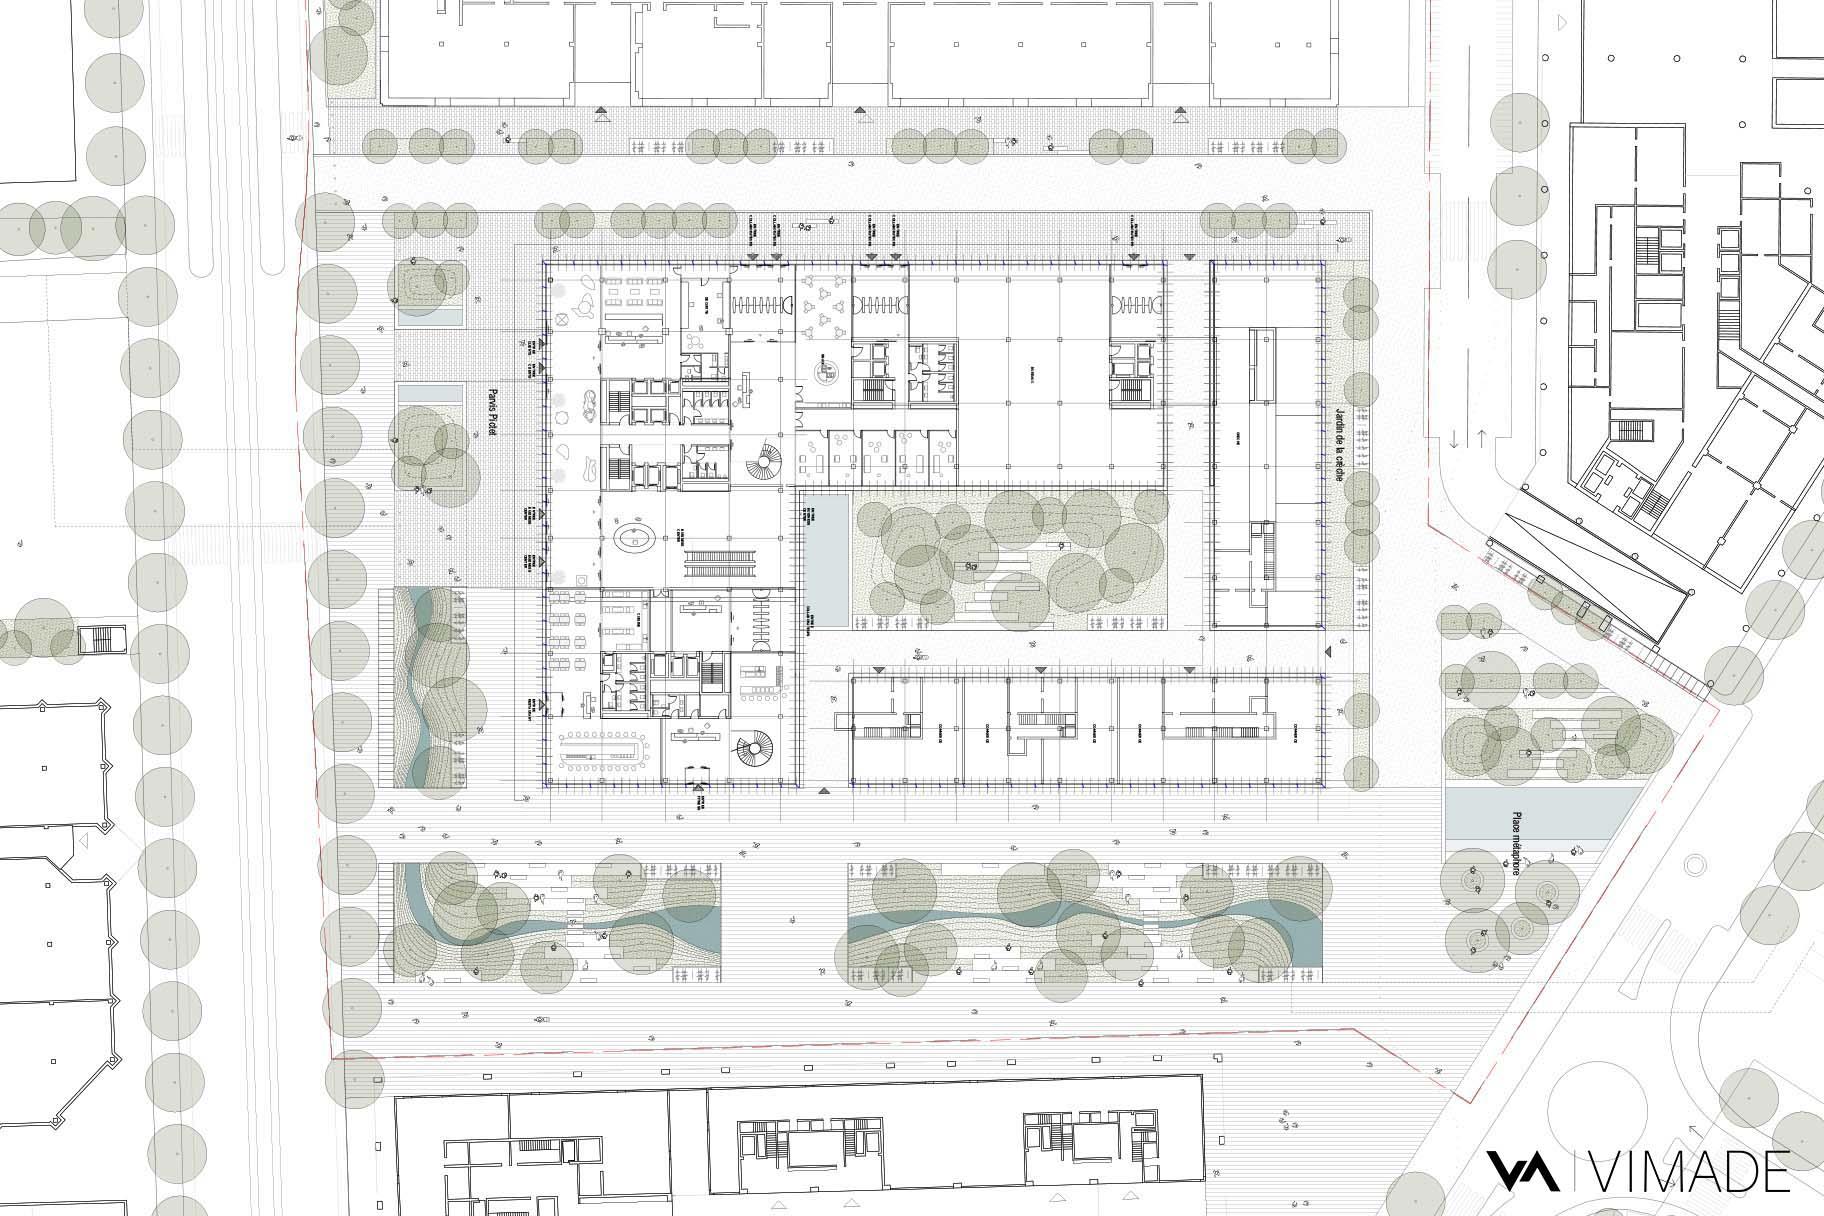 Plan de projet d'aménagement de la place autour de la tour Etoile 1 pour le PAV avec la renaturation de la Drize.